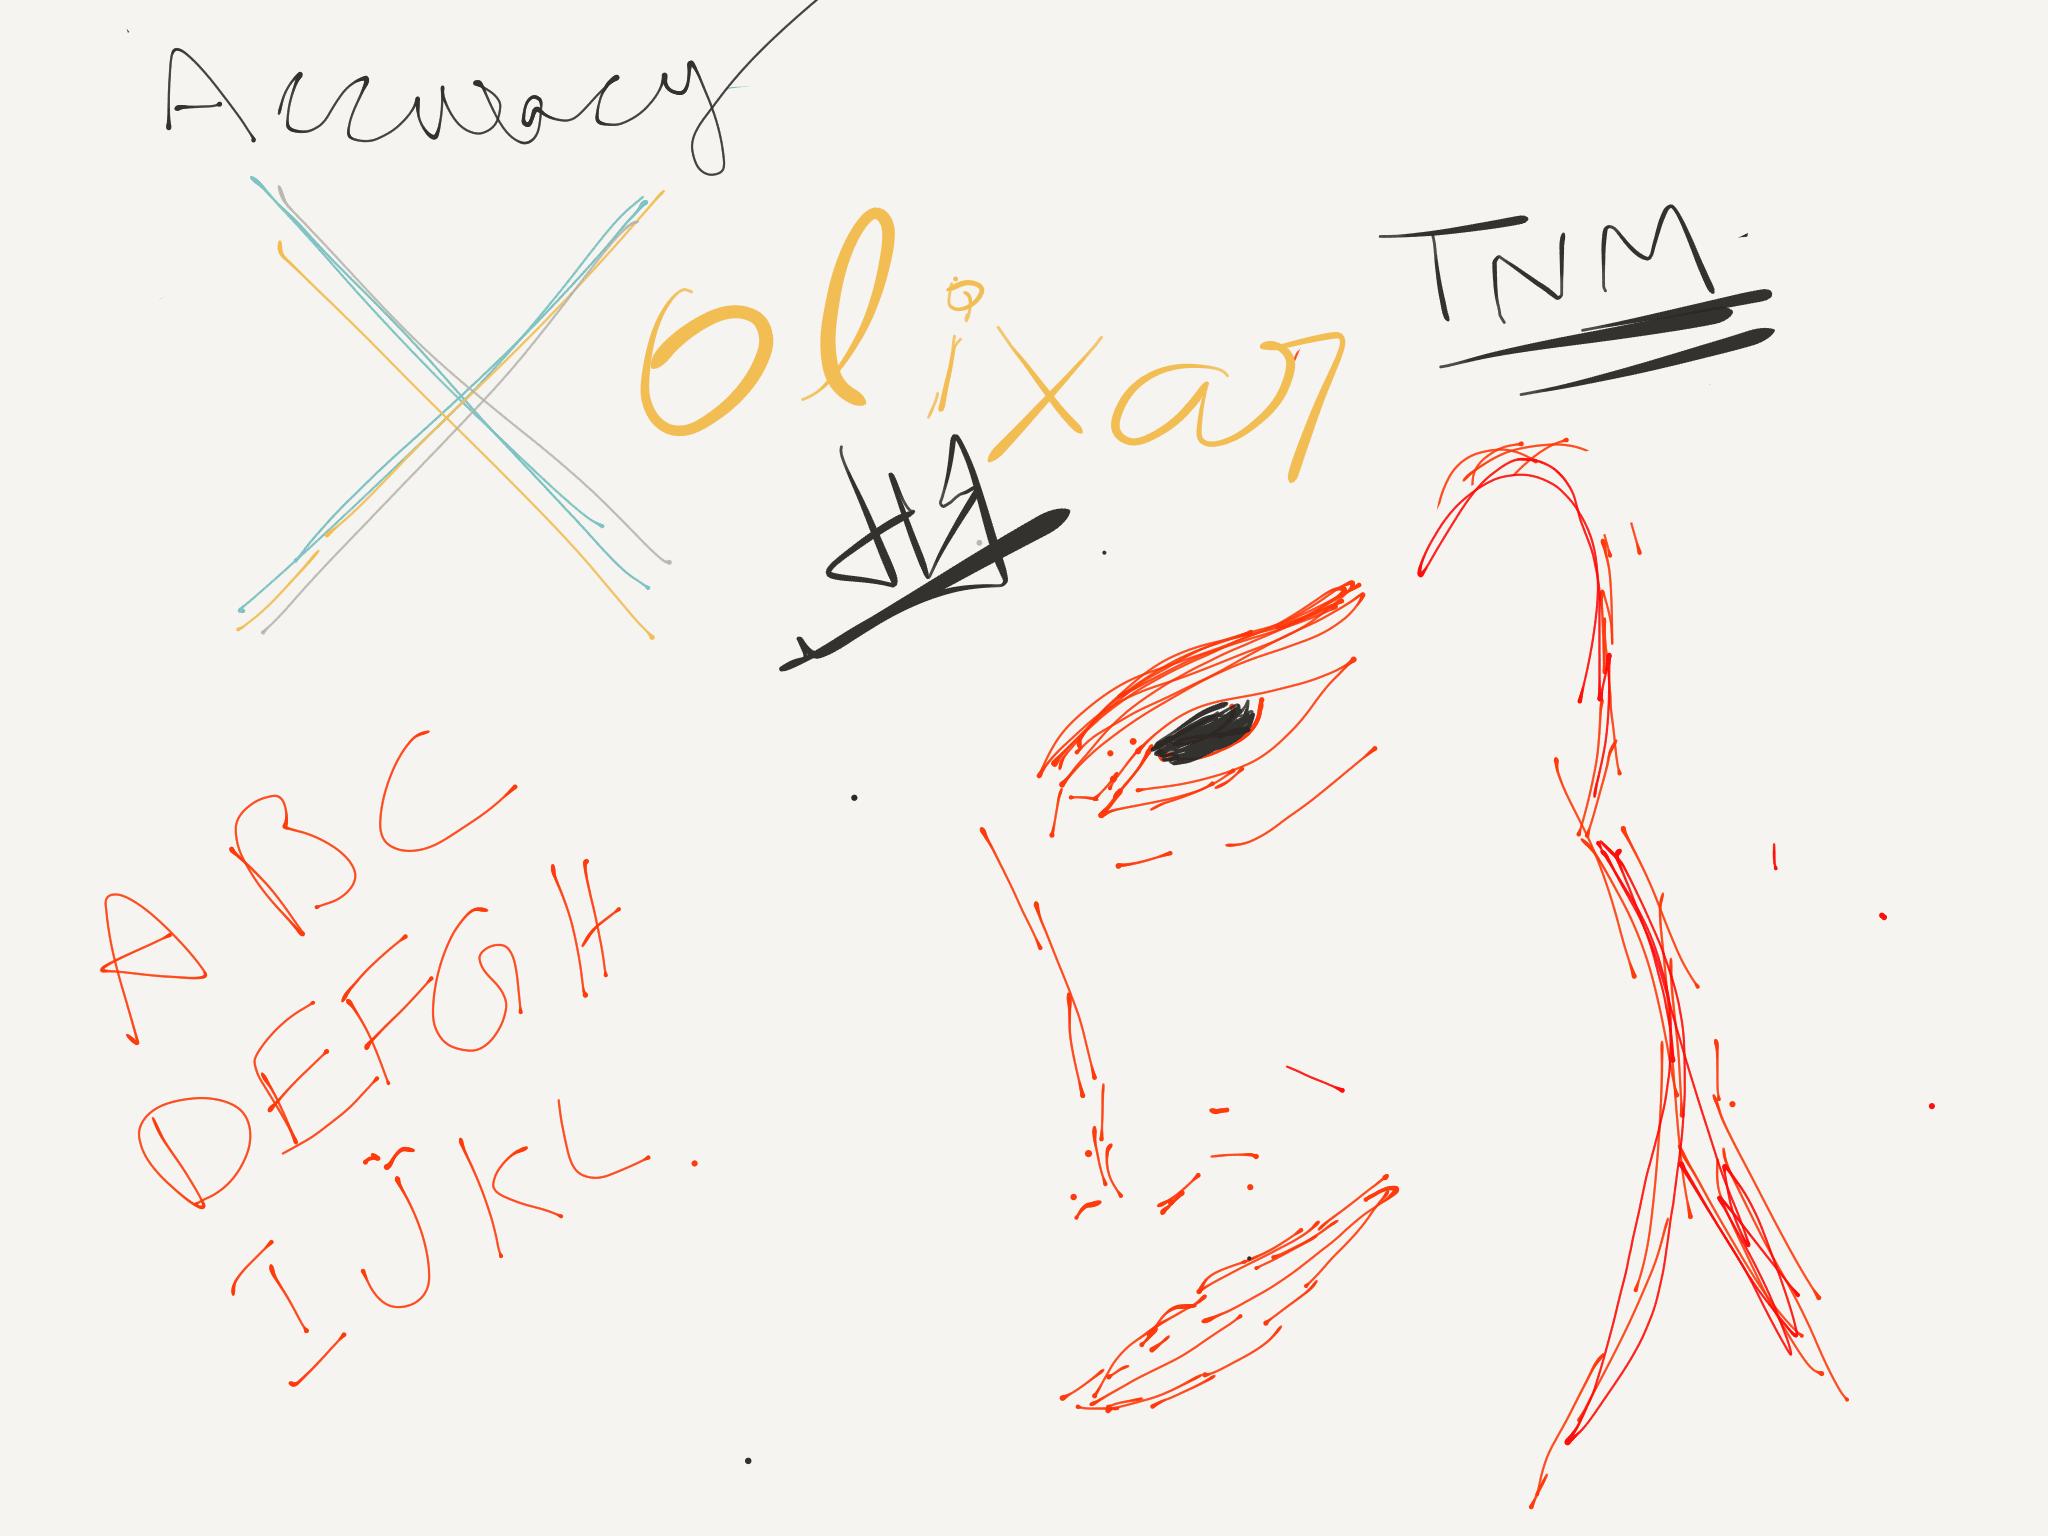 Olixar-Stylus